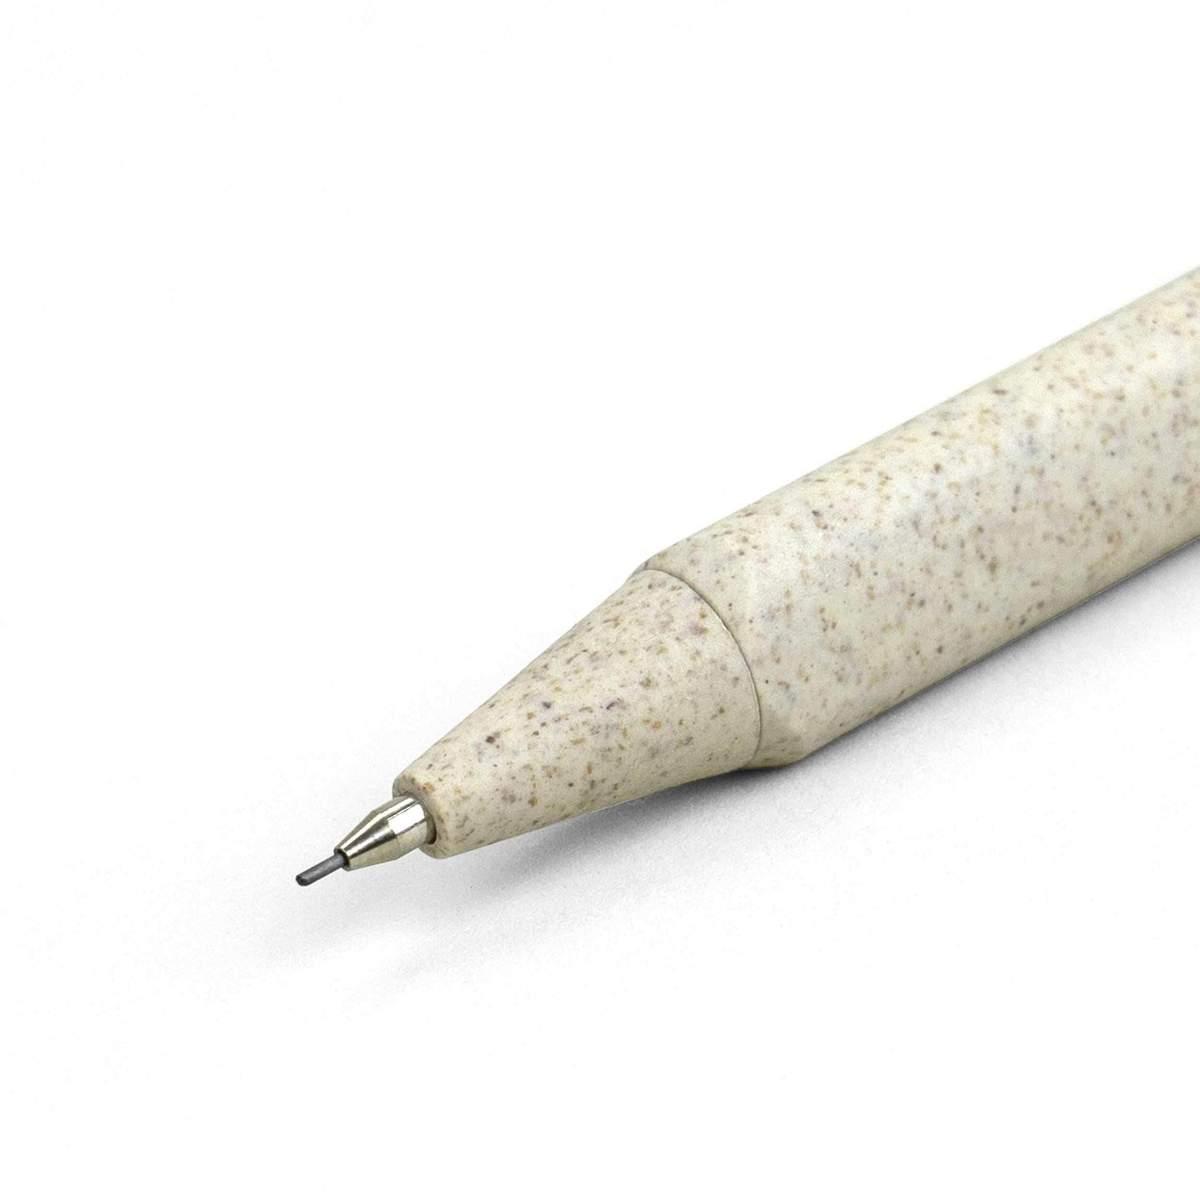 Natural Grass Pencil | A Good Company